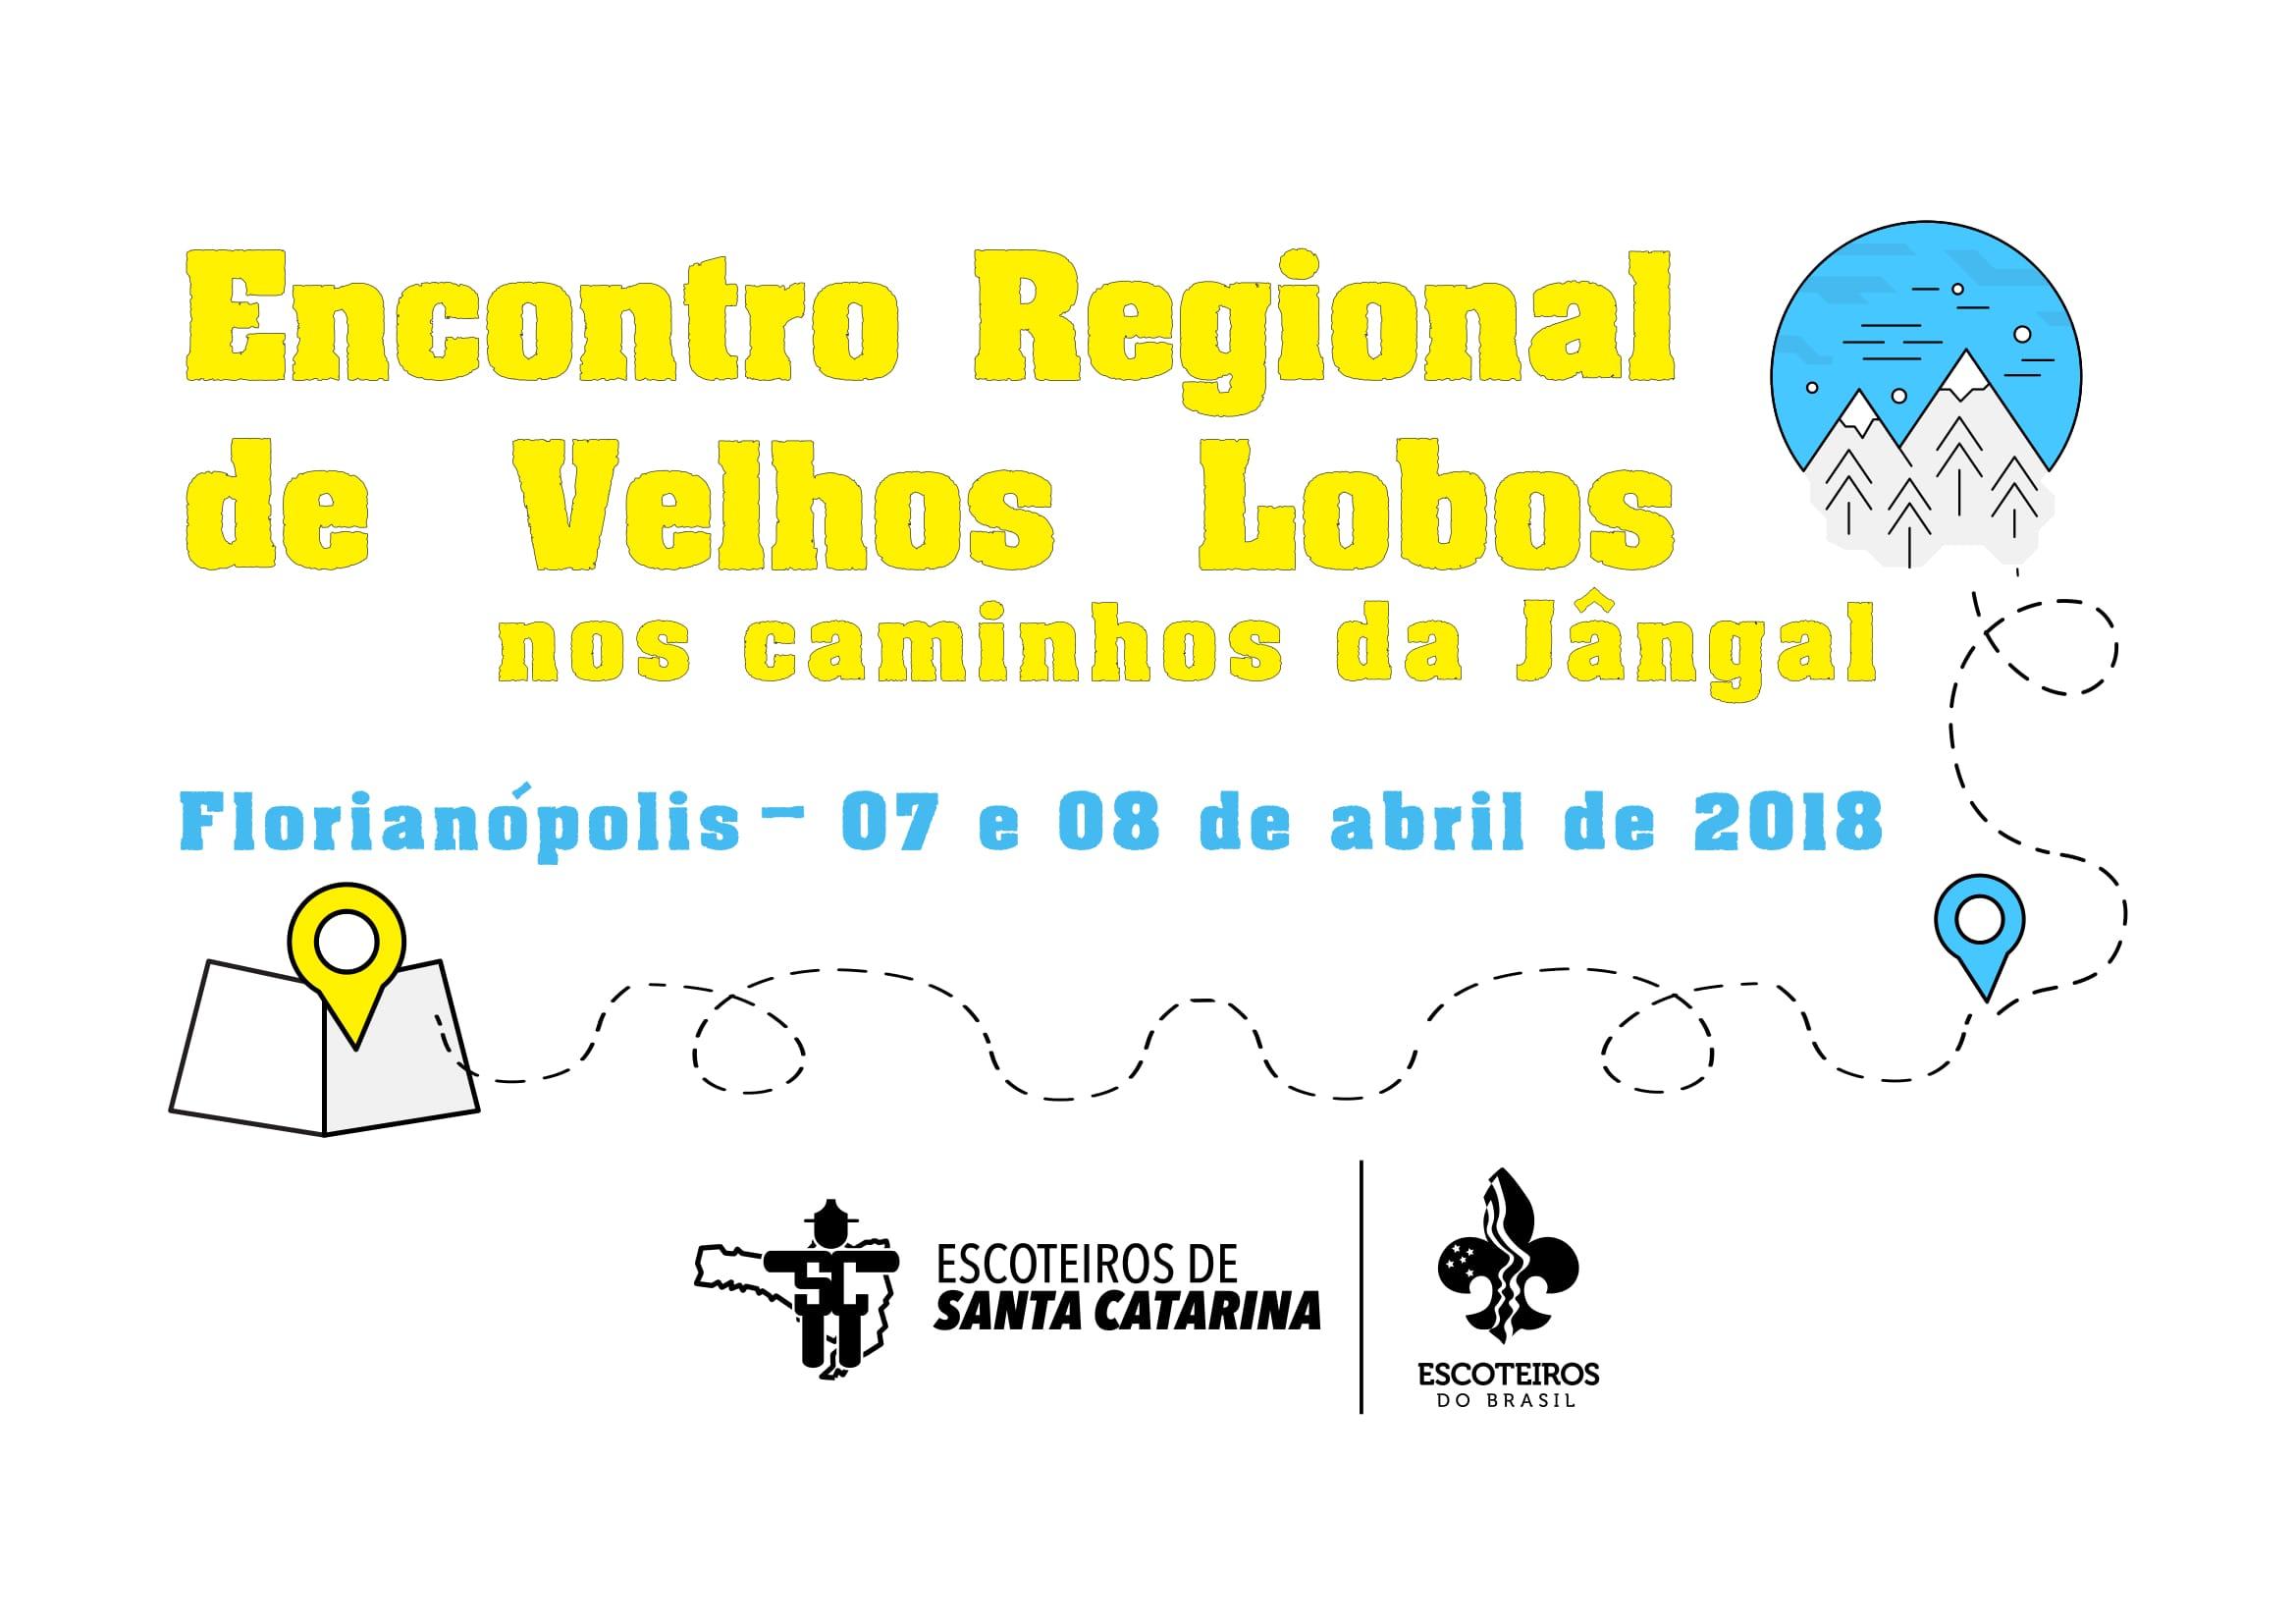 Encontro Regional de Velhos Lobos - 6 e 7 de abril